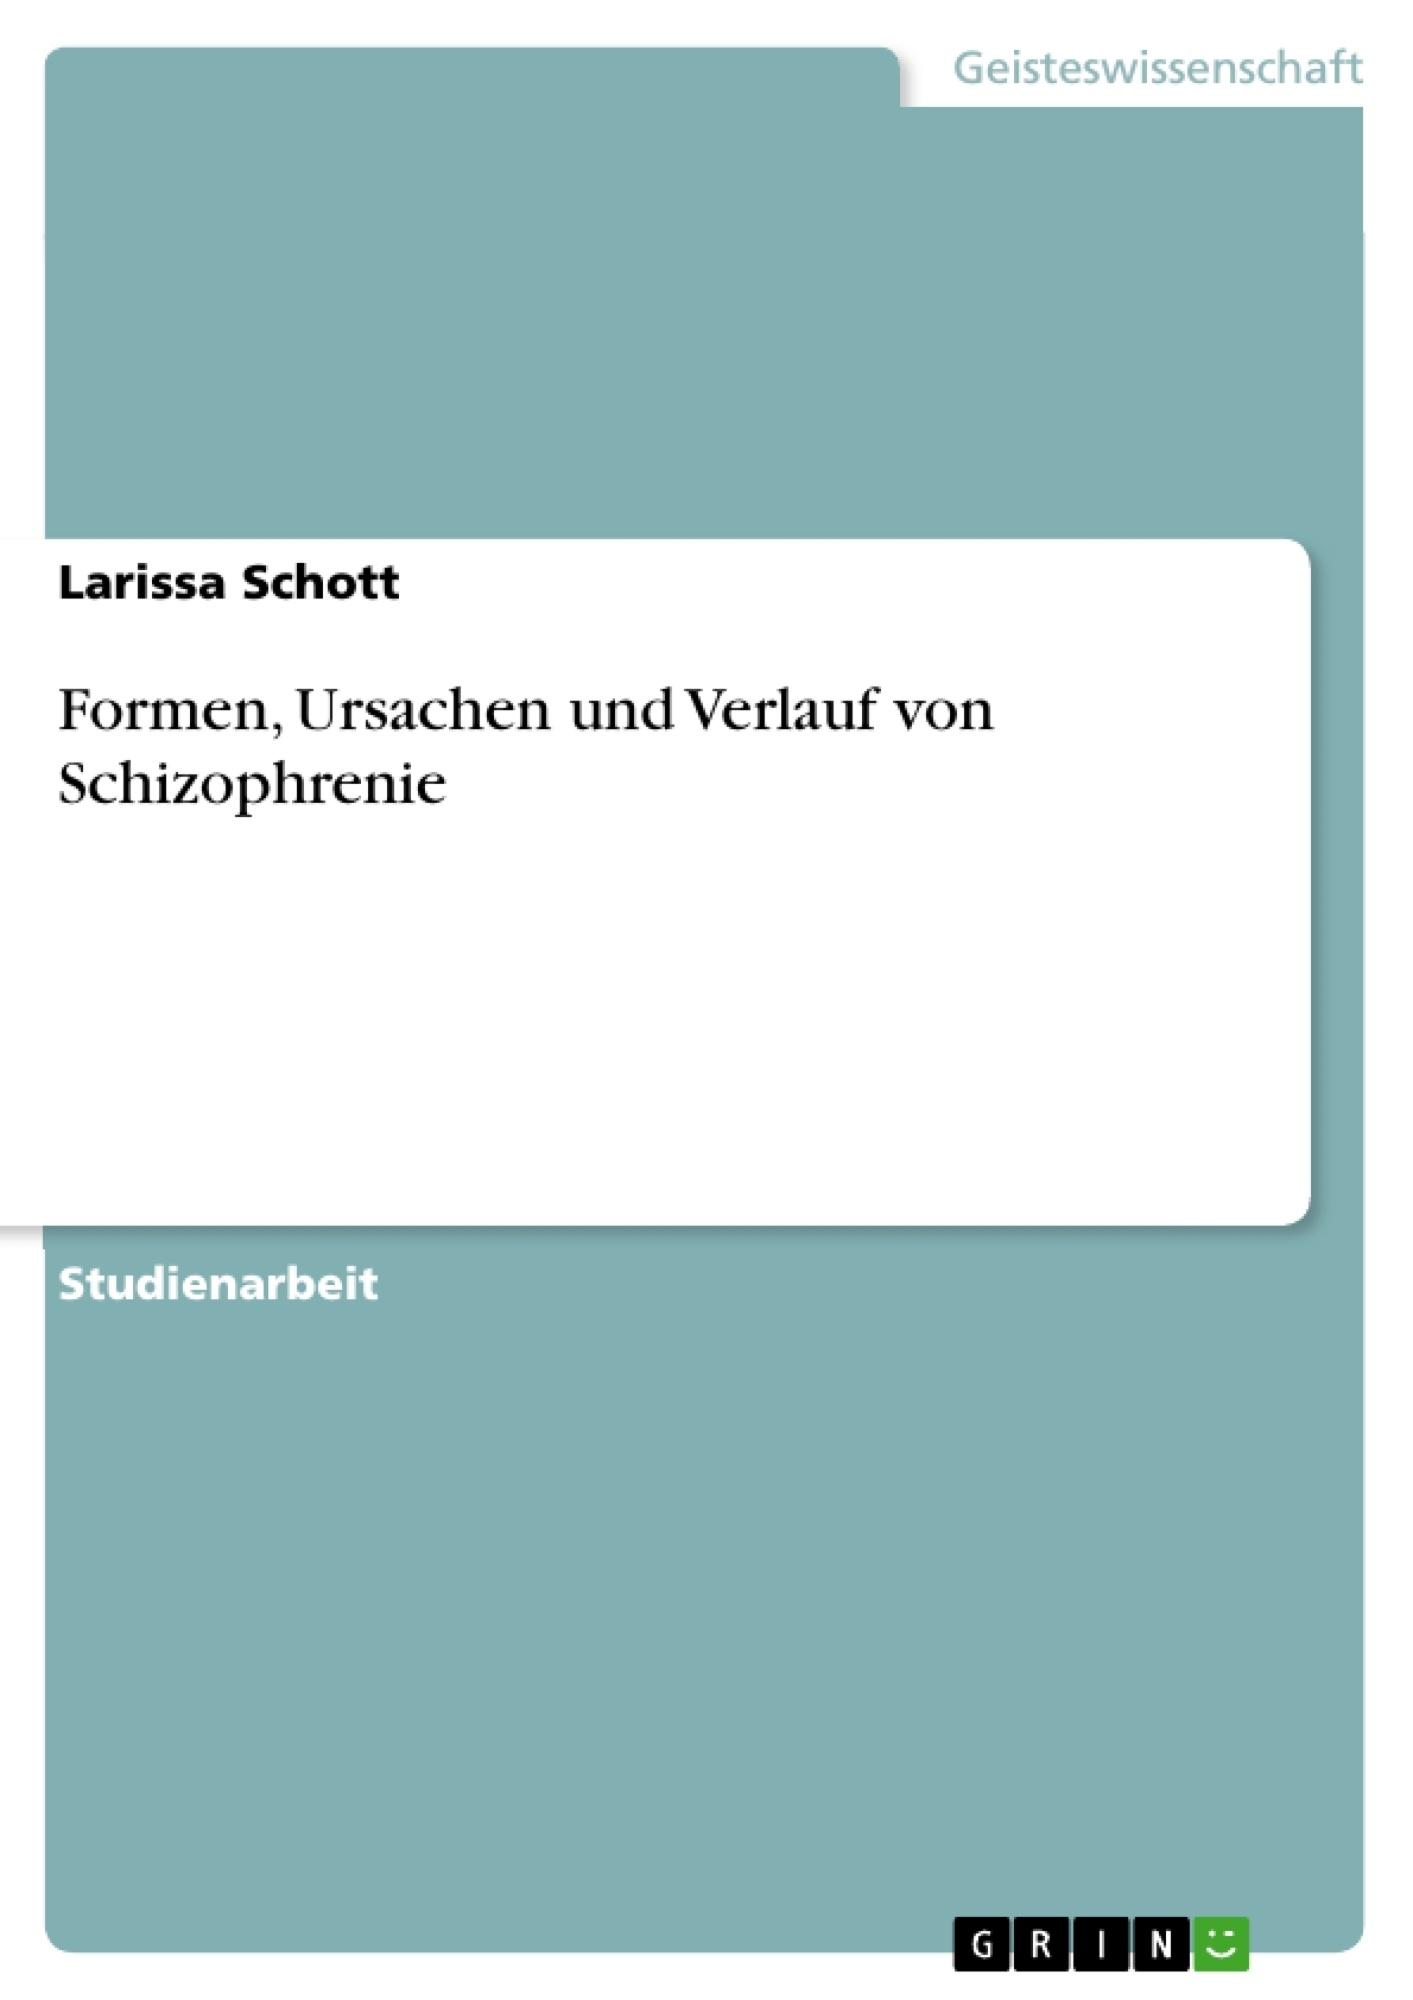 Titel: Formen, Ursachen und Verlauf von Schizophrenie